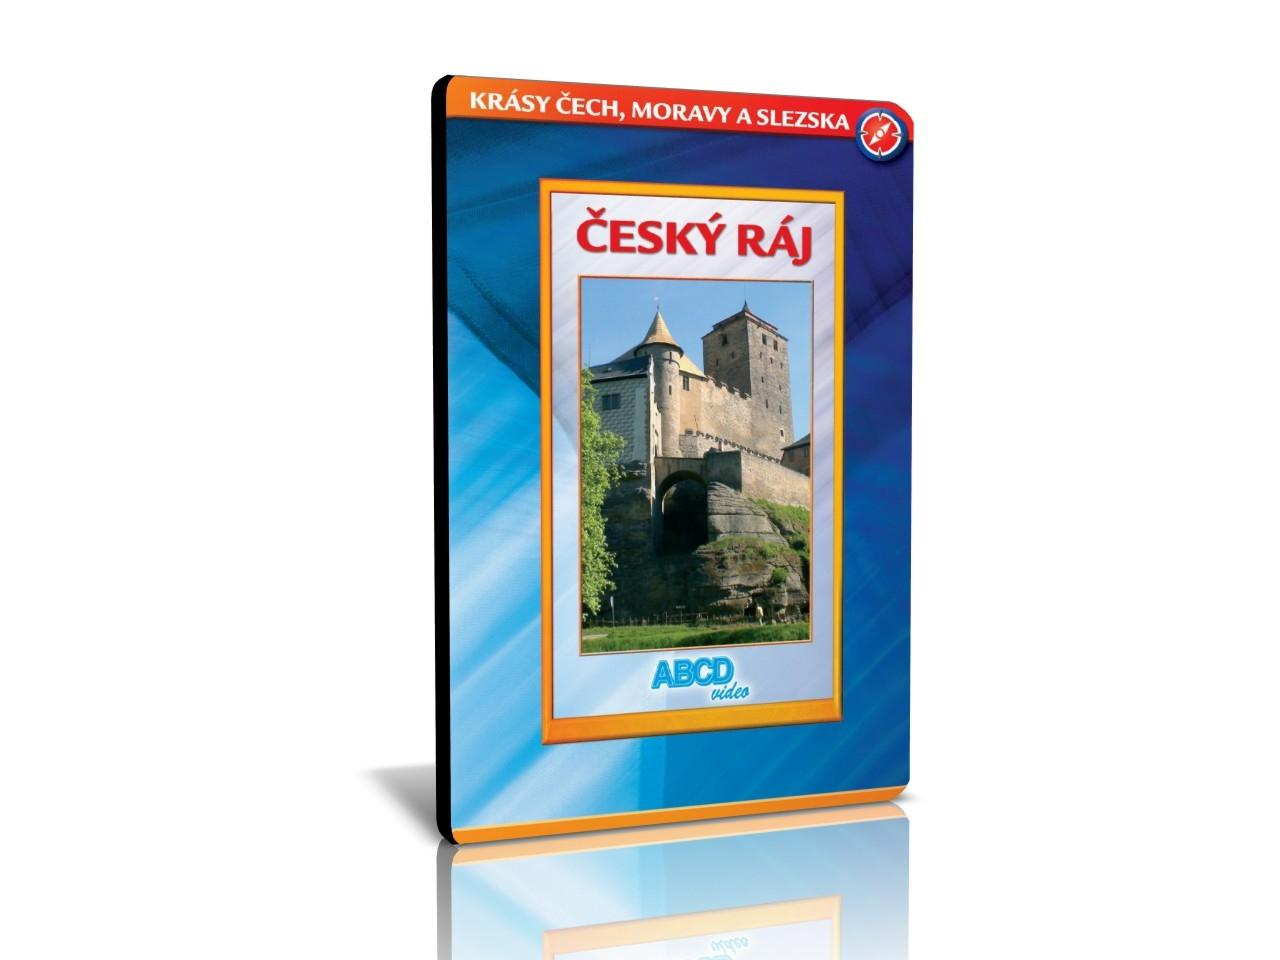 KRÁSY ČECH, MORAVY A SLEZSKA: Český ráj (DVD)